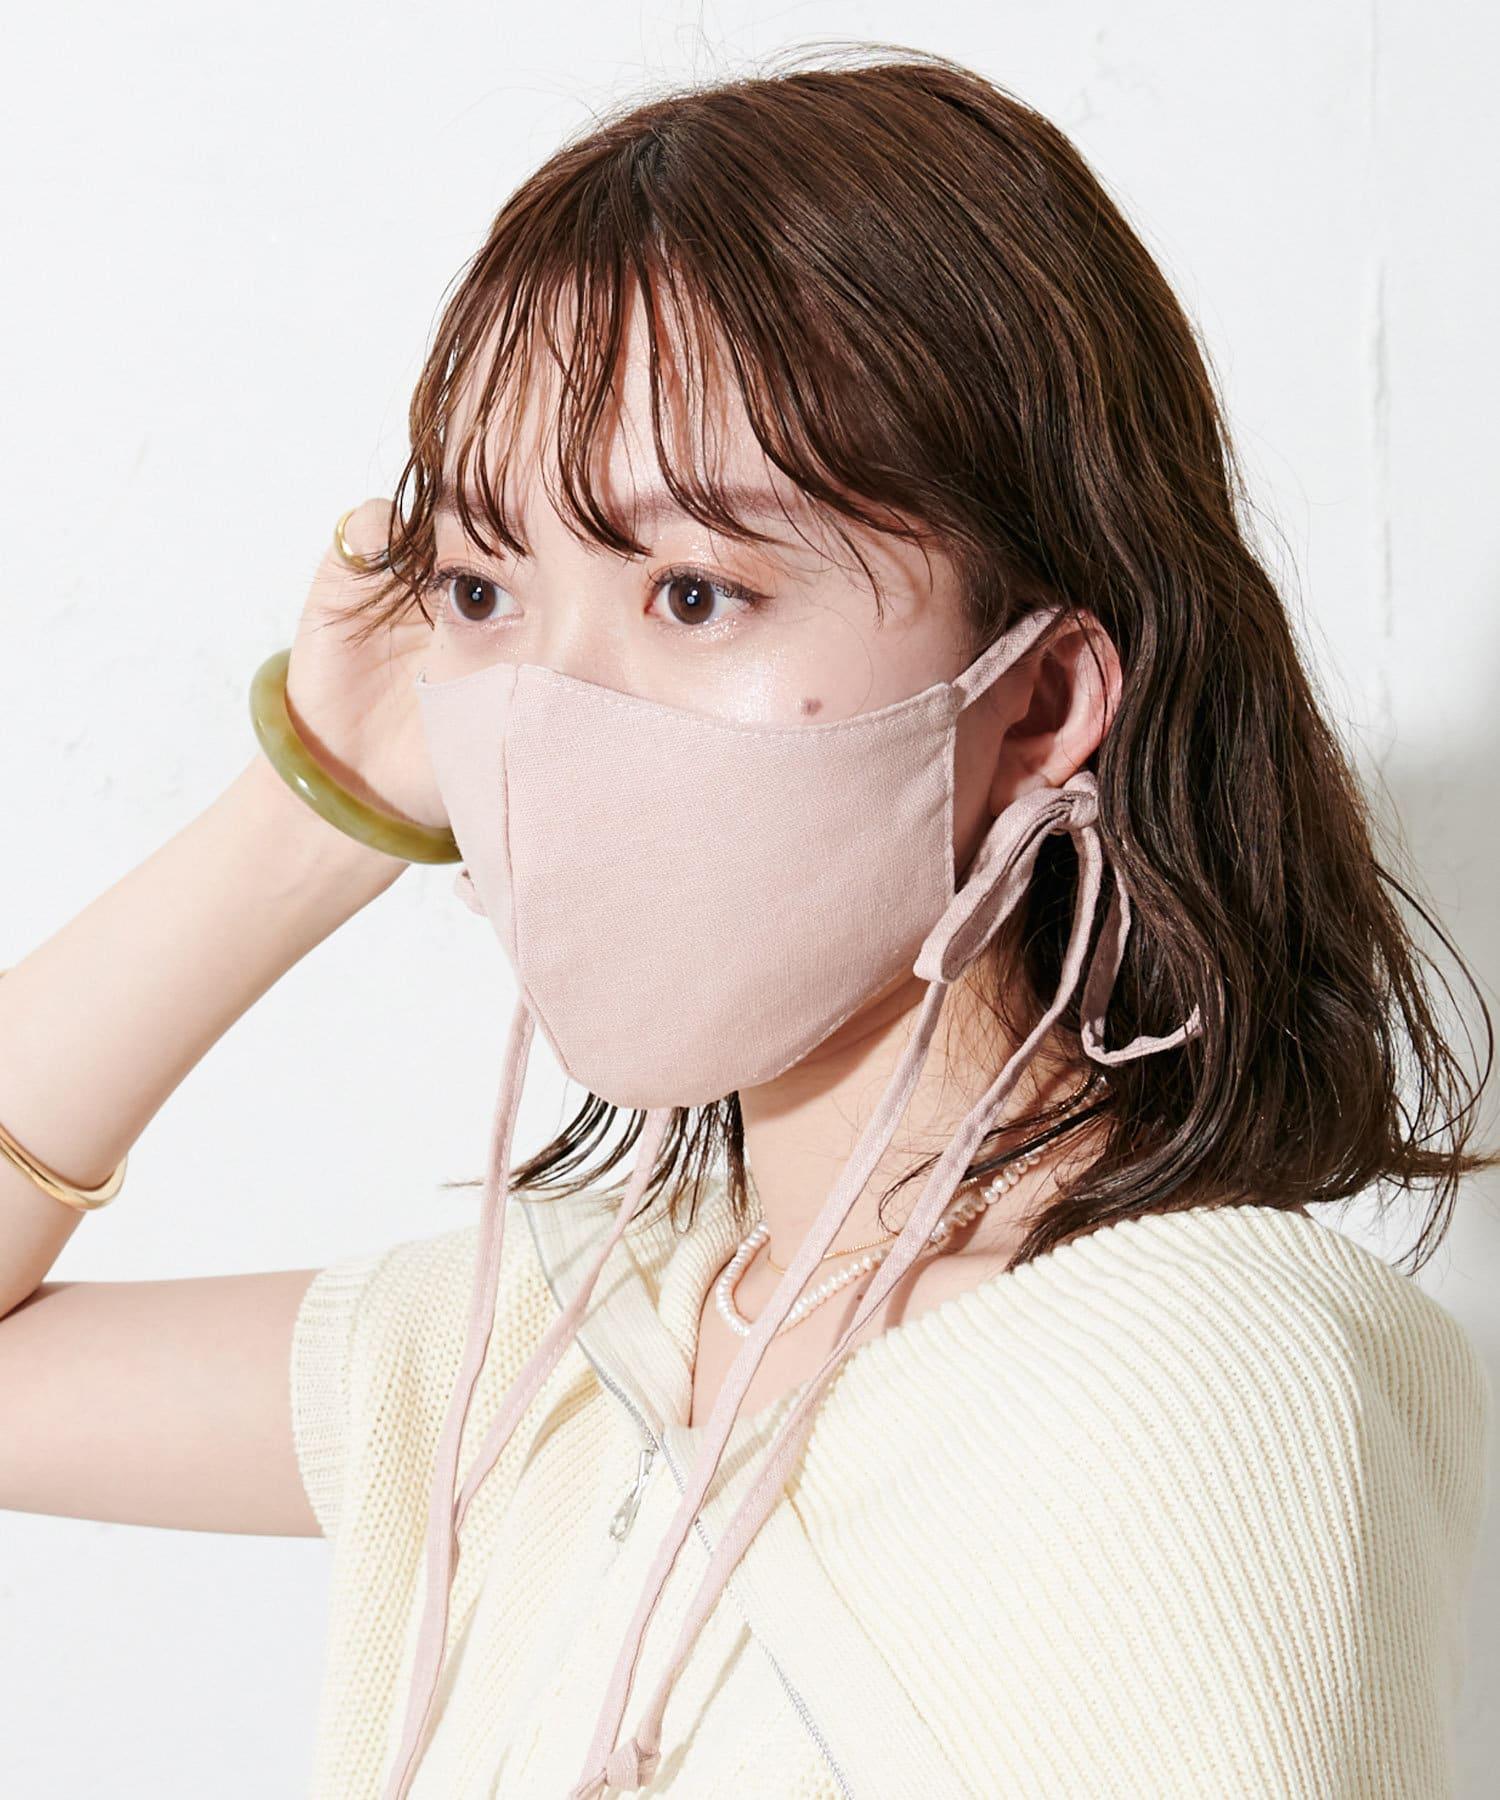 OUTLET(アウトレット) レディース 【Discoat】【抗菌消臭】リボンストラップマスク ピンク